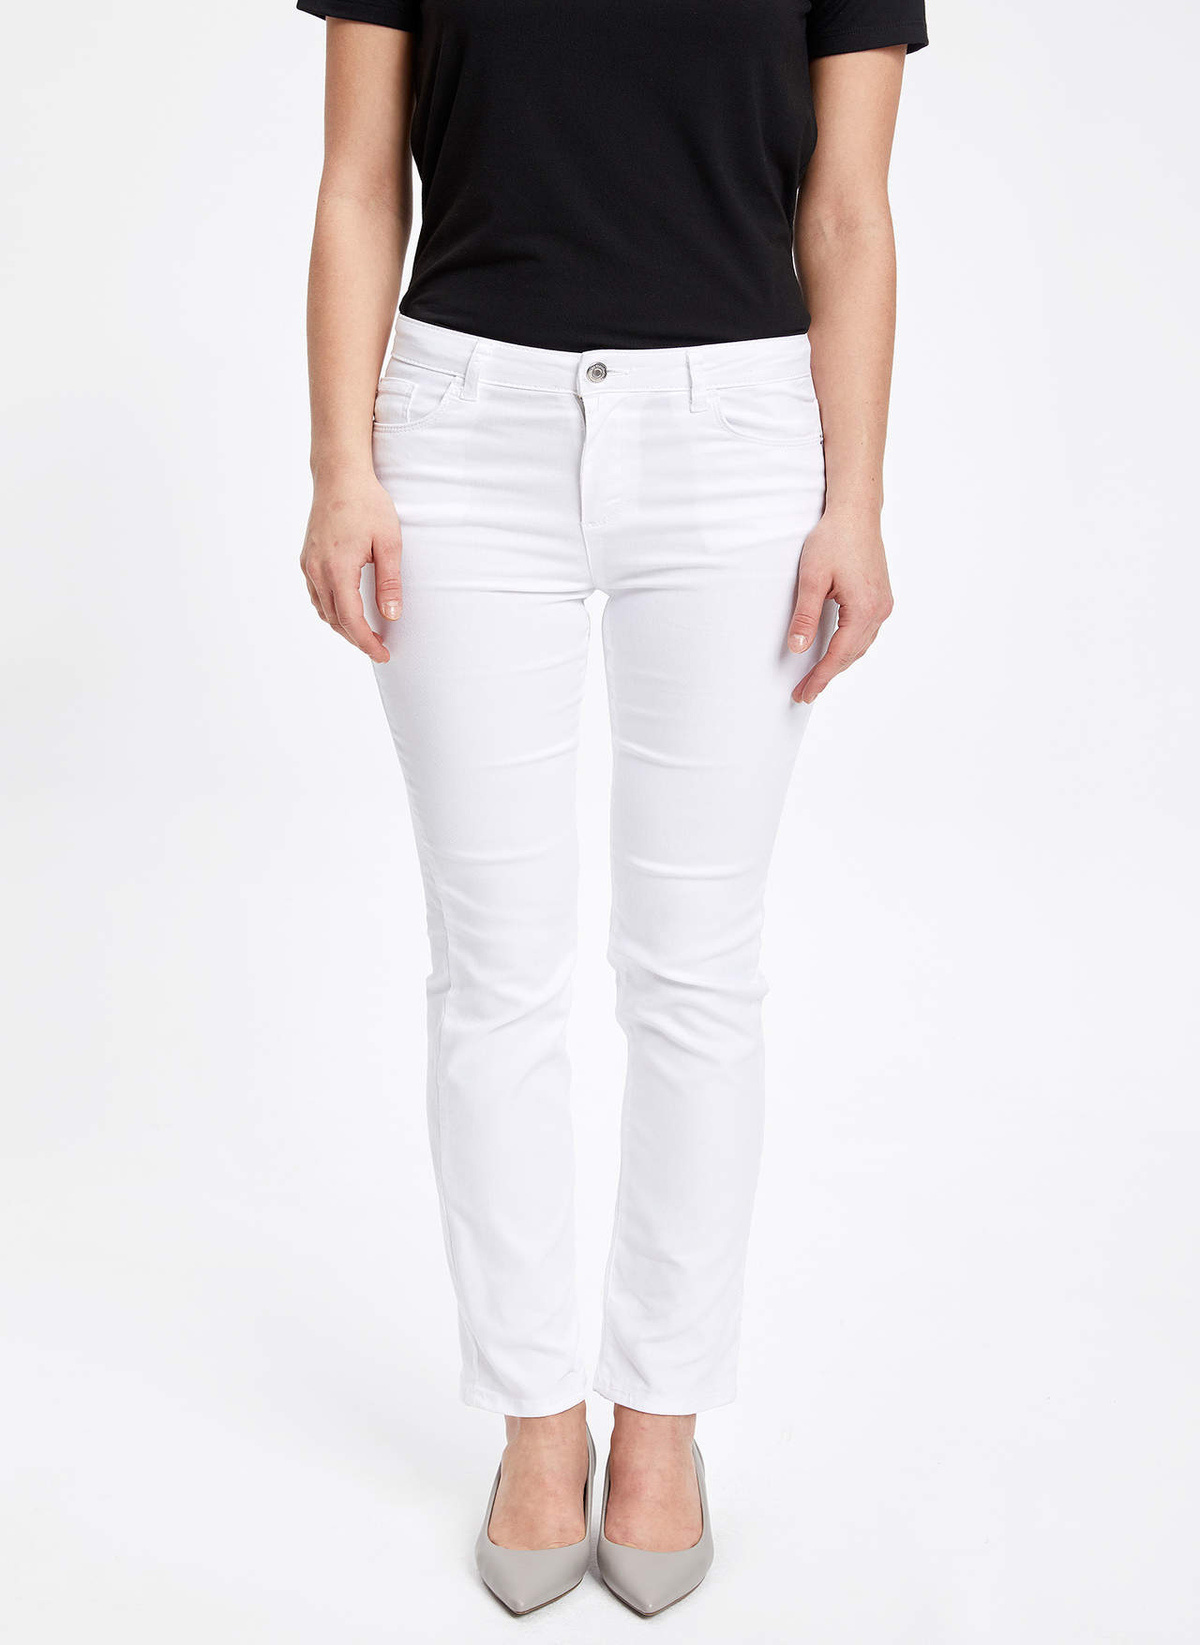 Defacto Carmela Straight Fit Pantolon J8754az19spwt34pantolon – 49.99 TL